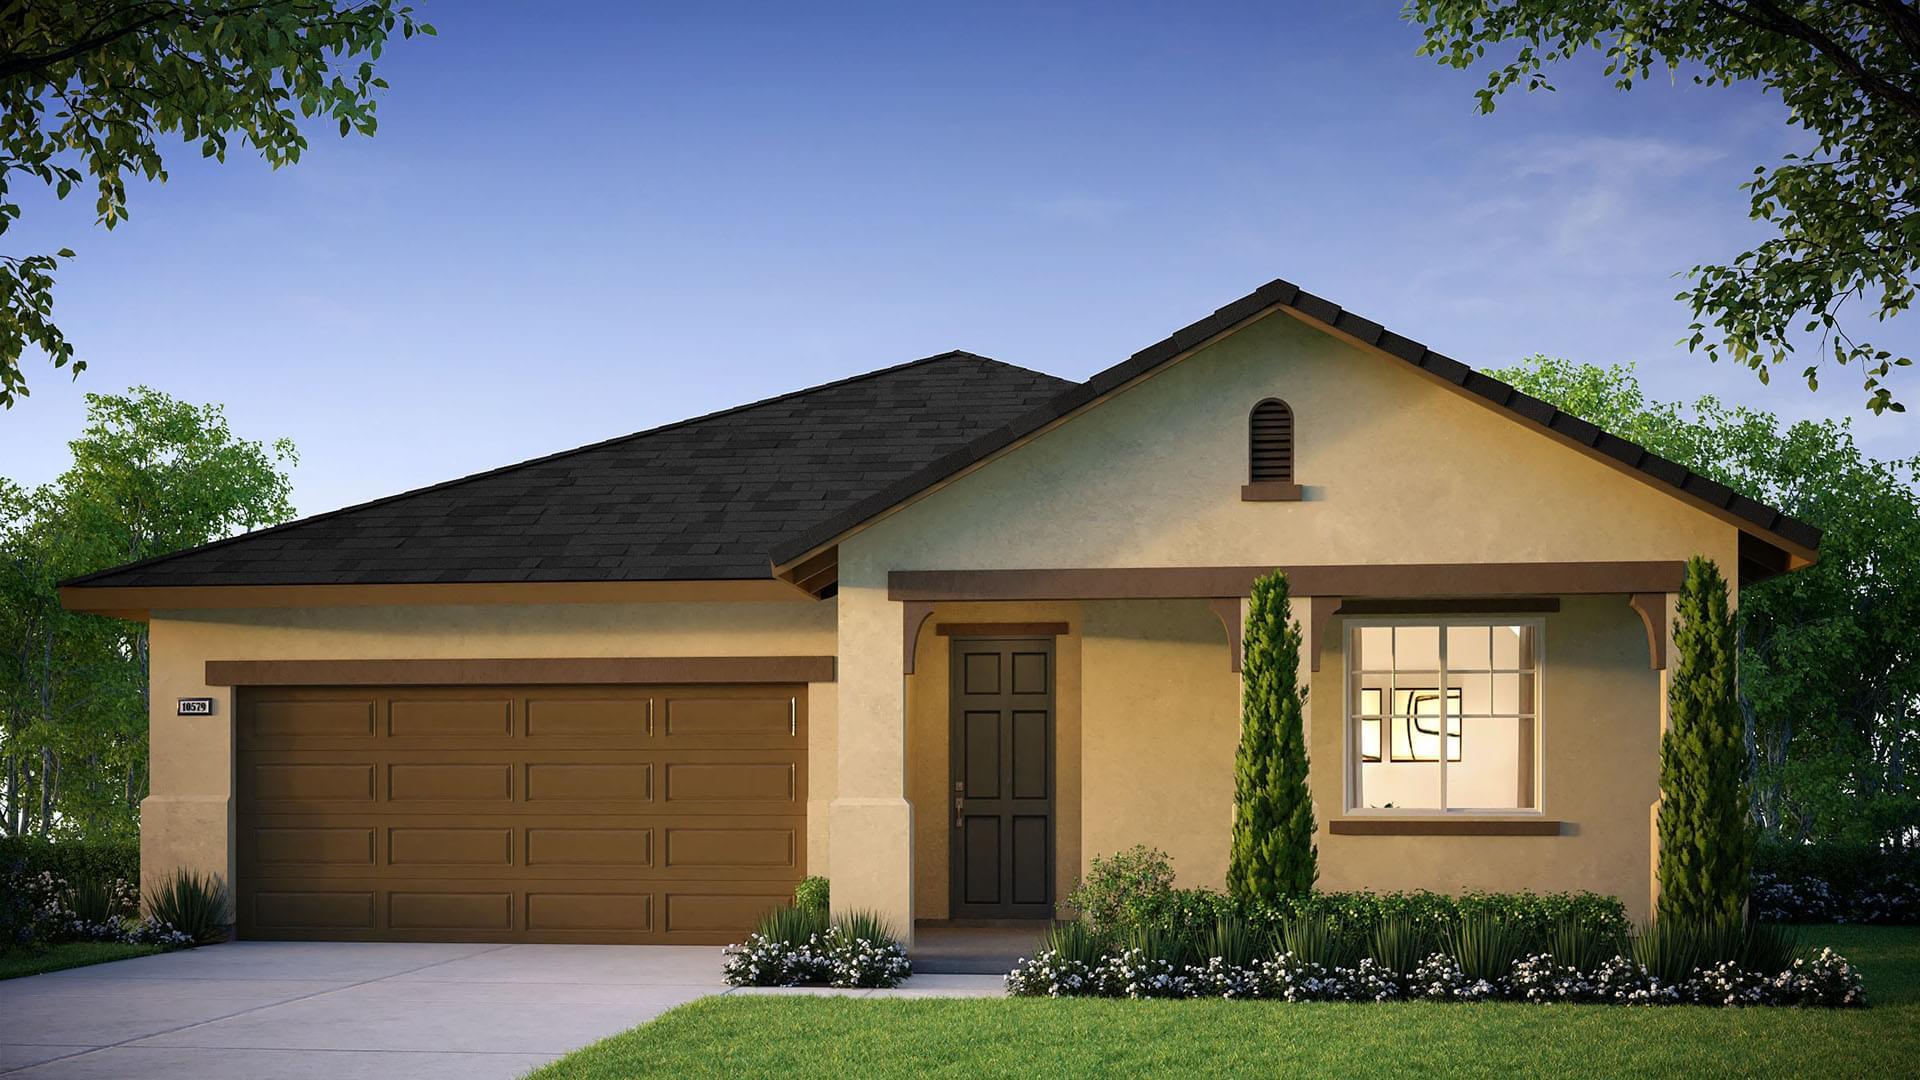 370 Copper Crest Drive in Copperopolis, CA by DeNova Homes